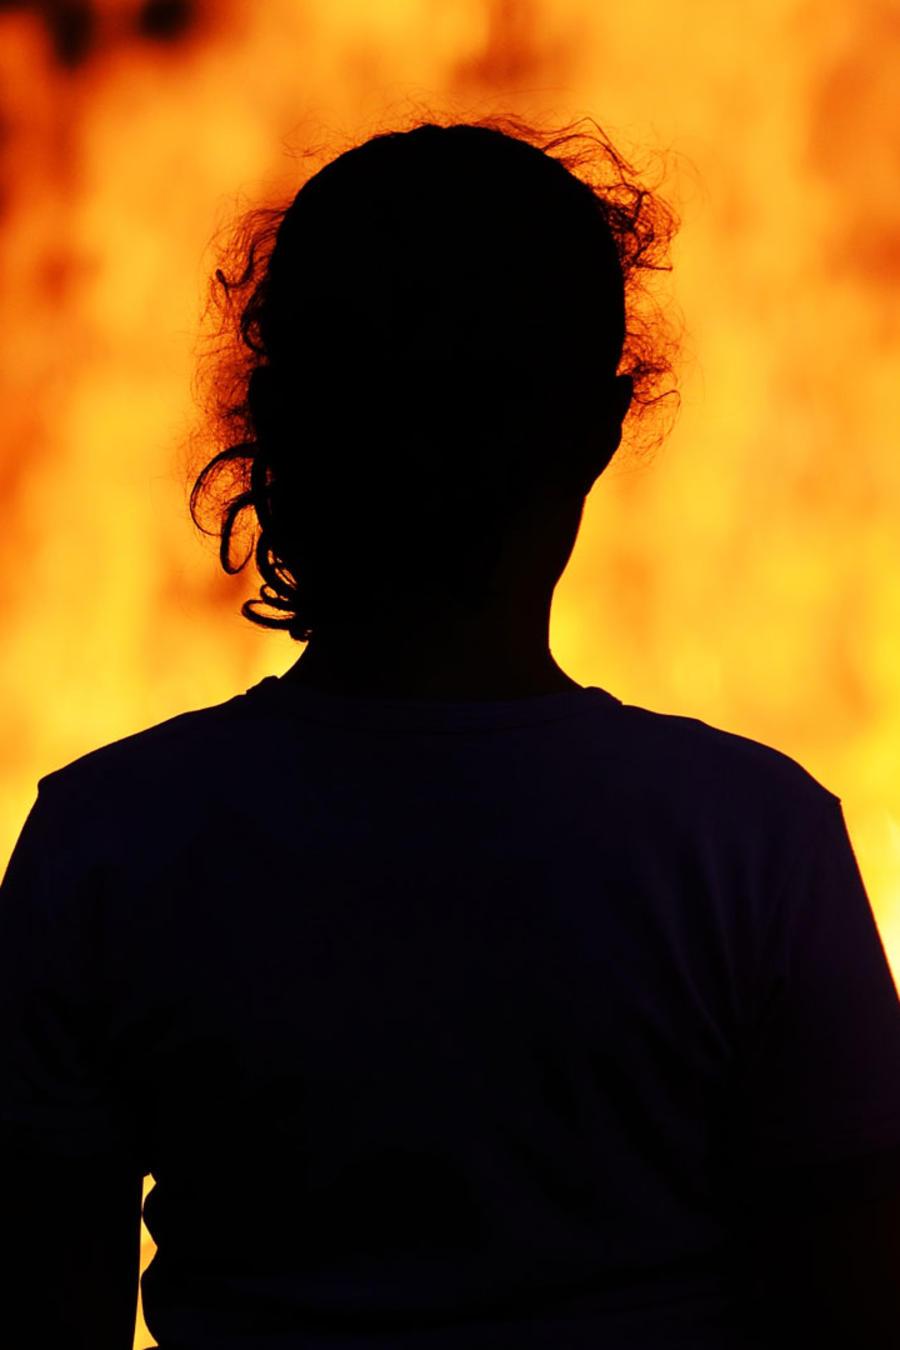 Un mujer en un incendio